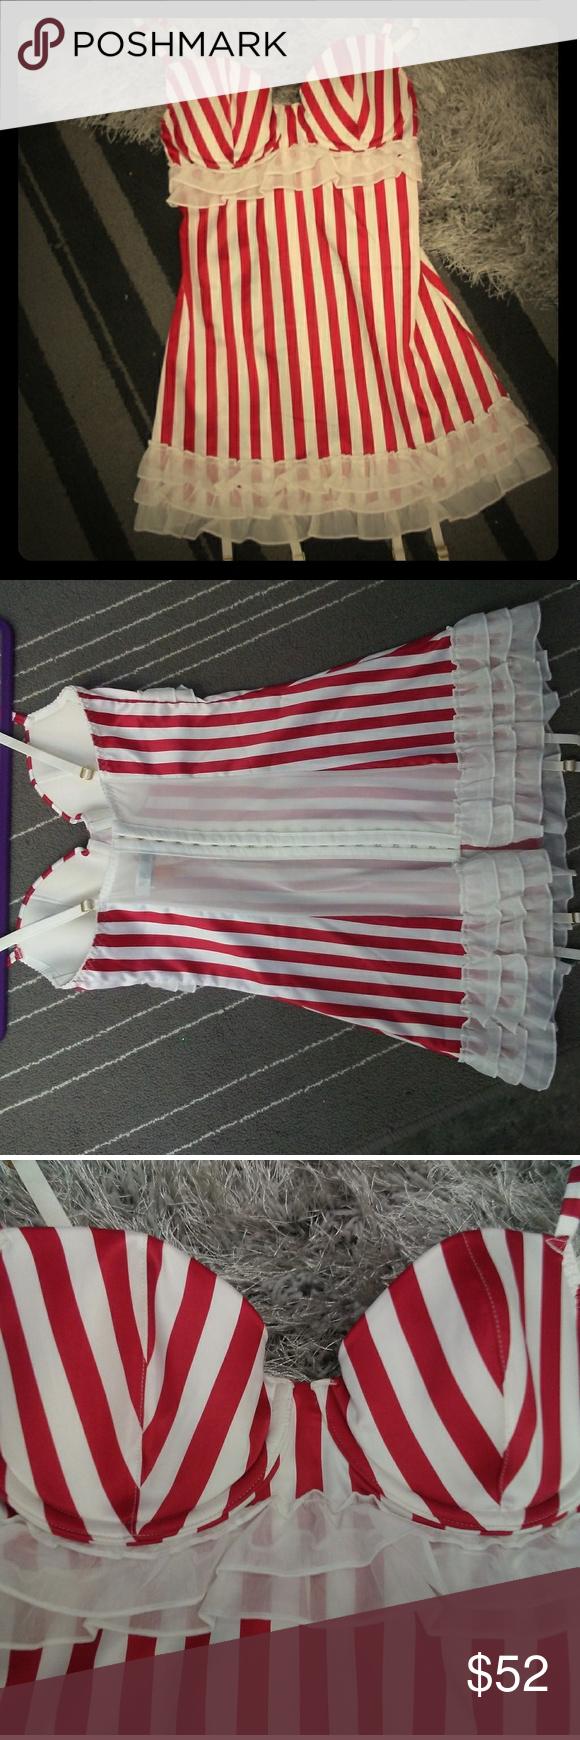 NEW Victoria's Secret Candy Striped Teddy Victoria's